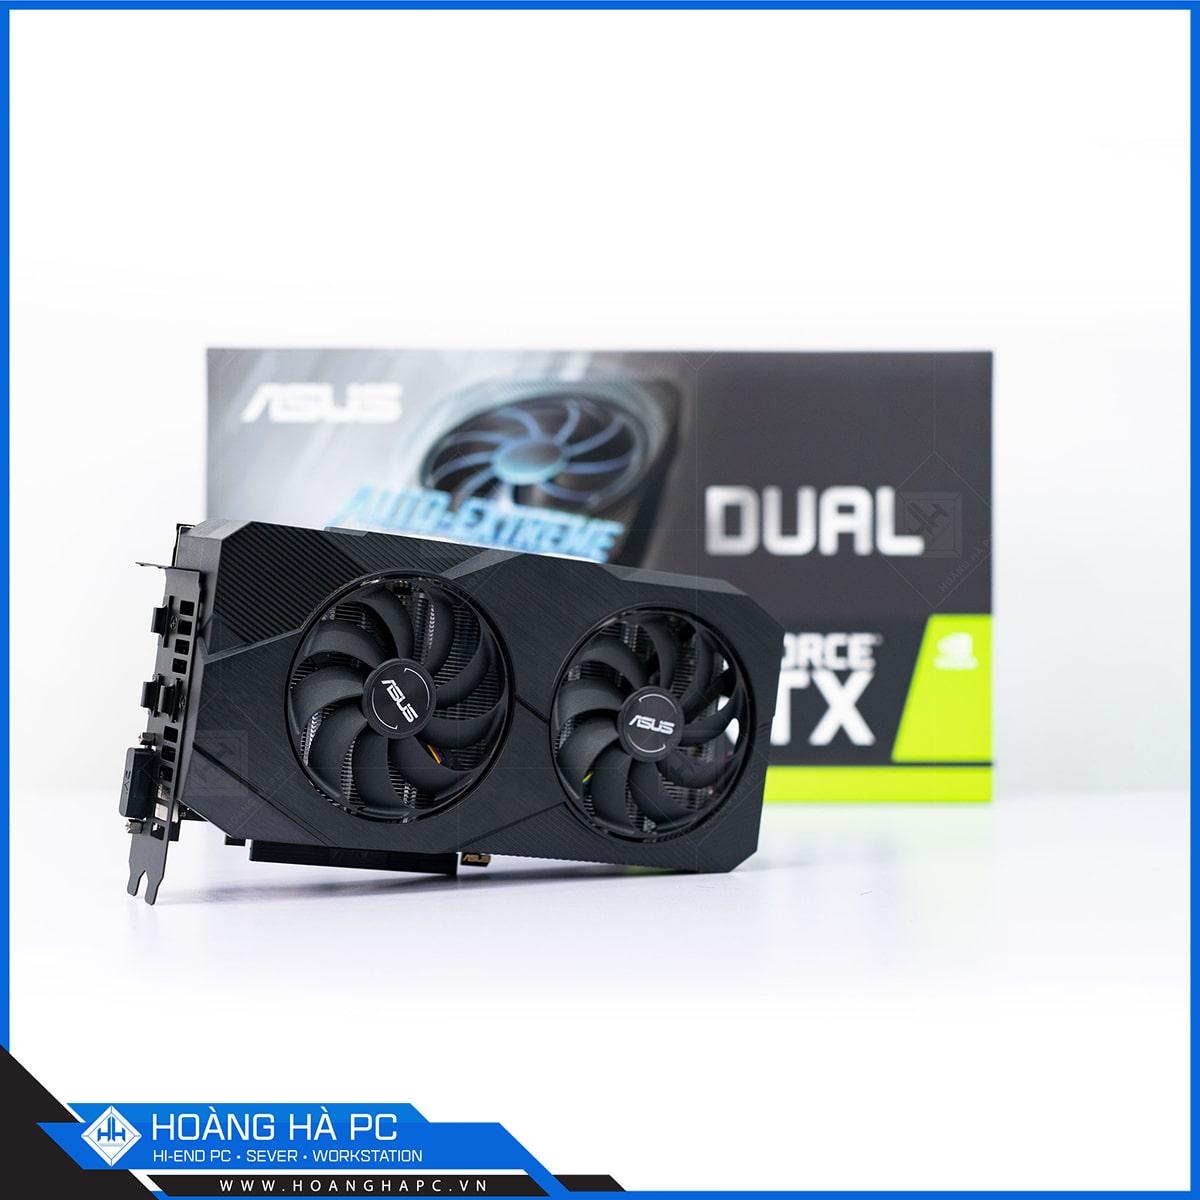 ASUS Dual GeForce RTX 2070 EVO V2 OC Edition 8GB GDDR6